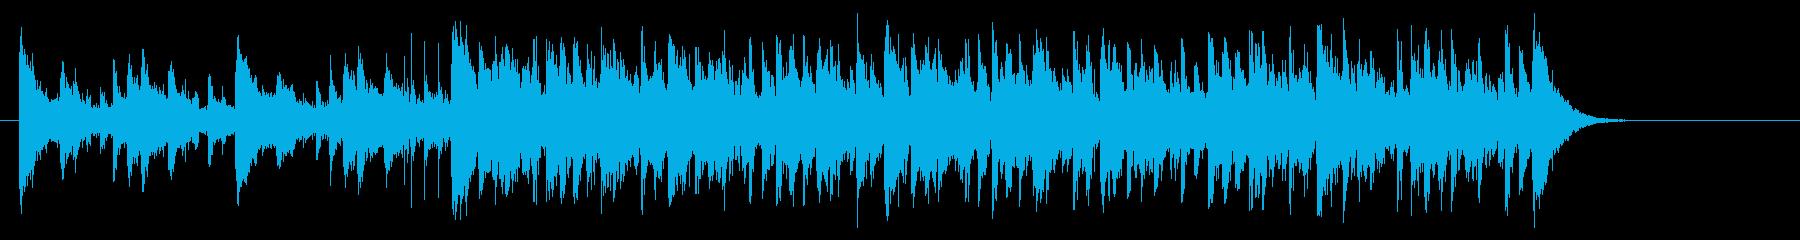 和やかで楽しいリラクゼーション音楽の再生済みの波形